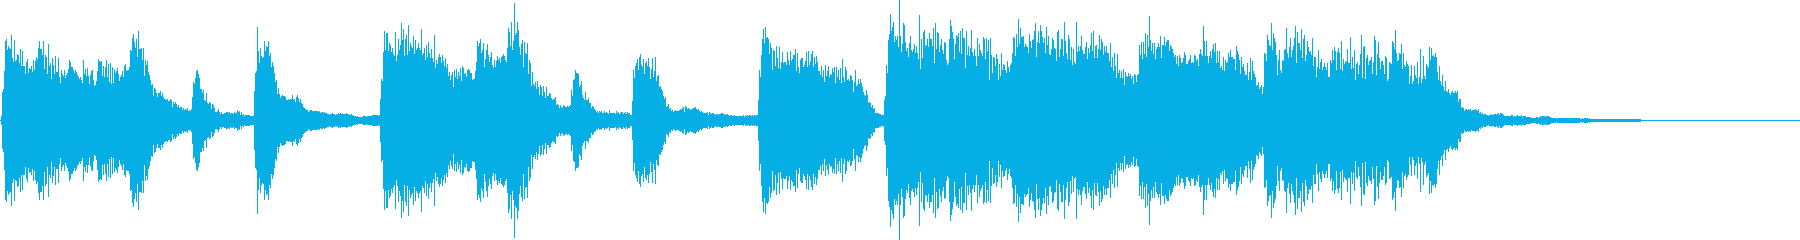 クラシック調の子供向けジングルの再生済みの波形